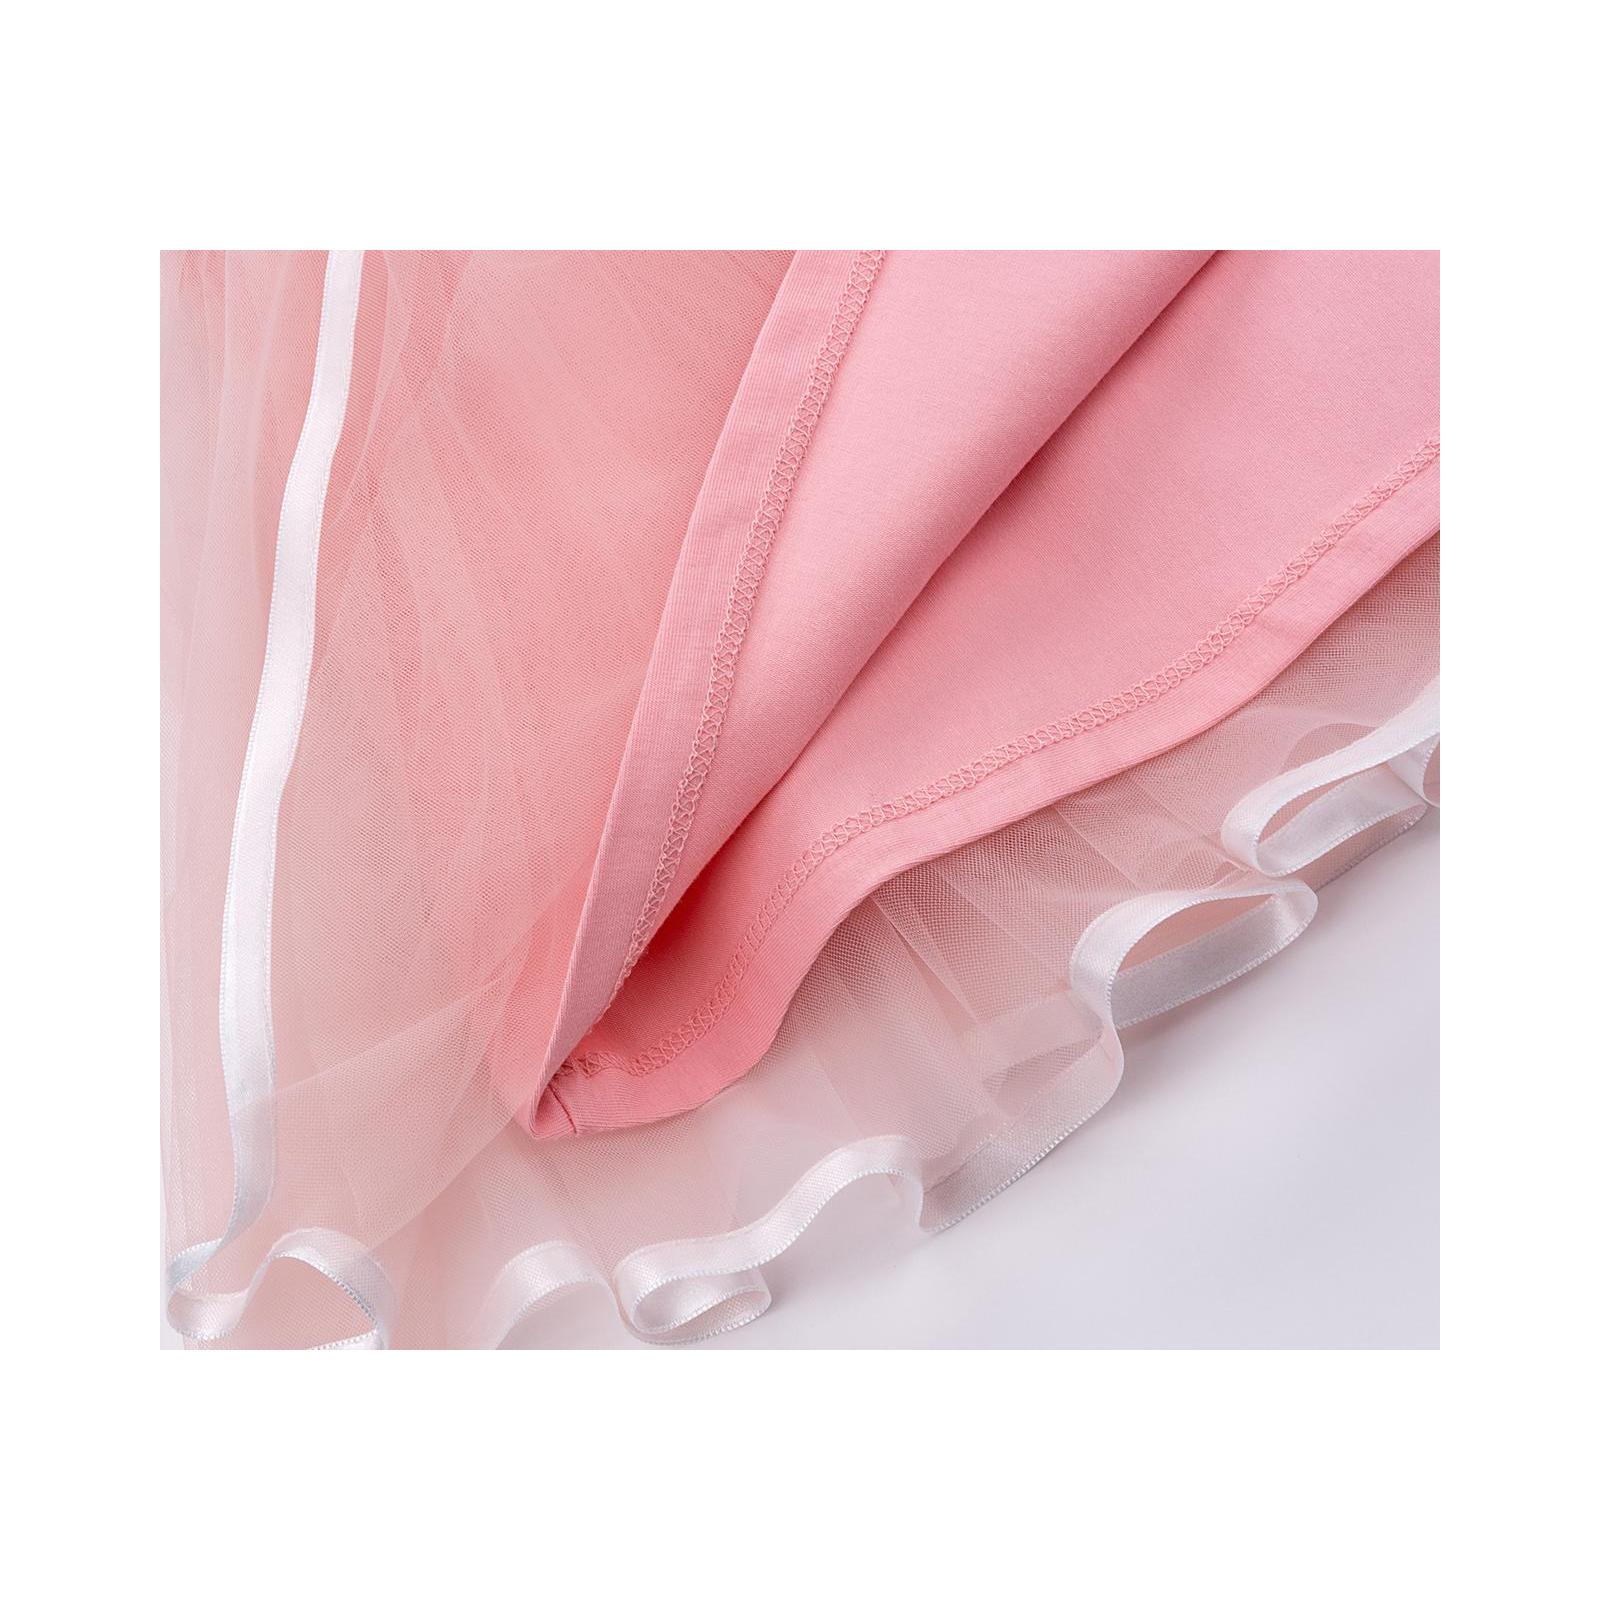 Платье Breeze сарафан с фатиновой юбкой и сердцем (10862-128G-peach) изображение 7